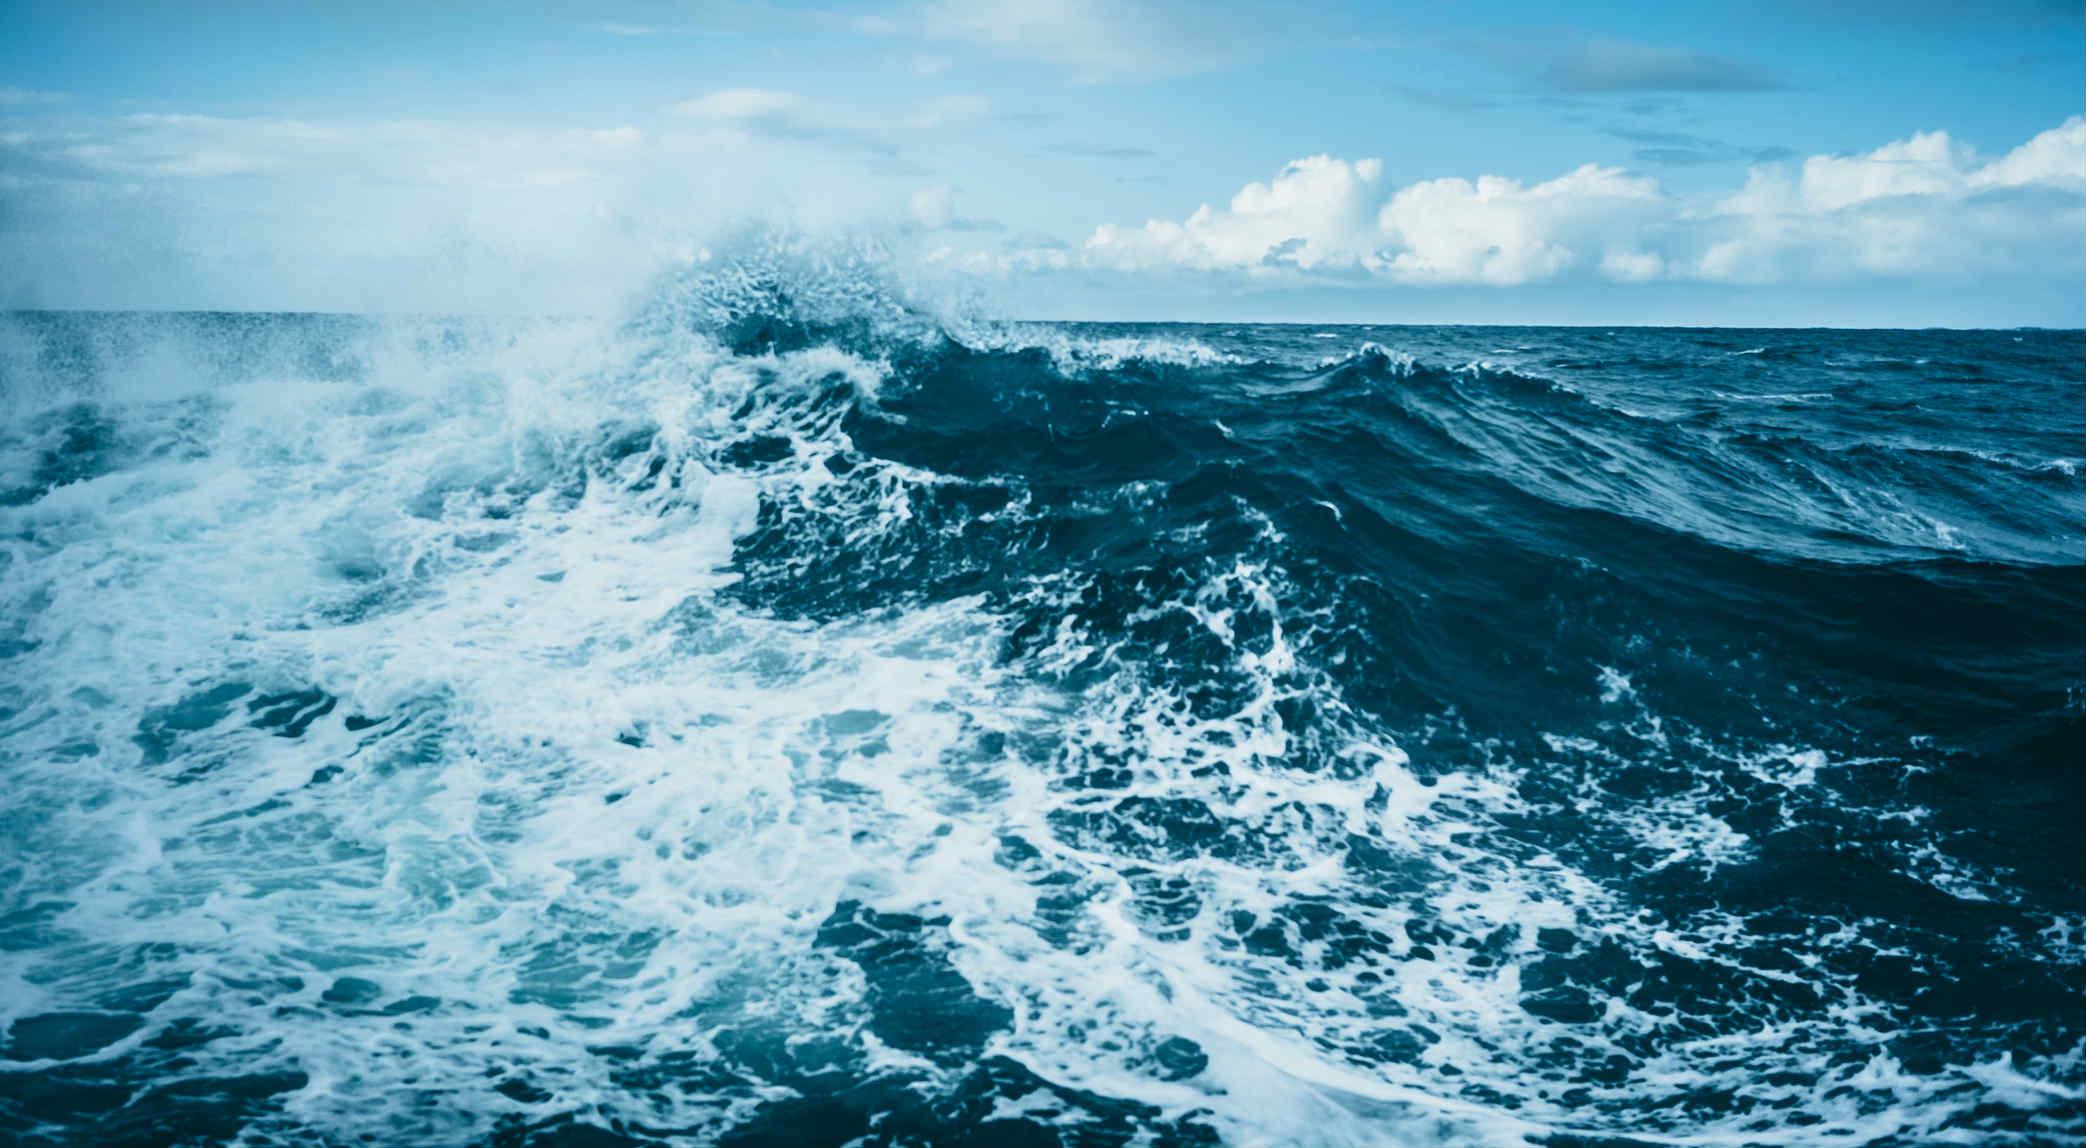 """""""L'ultimo marinaio"""" di Andrea Ricolfi: una storia di amicizia e di amore per una terra fredda ma meravigliosa"""